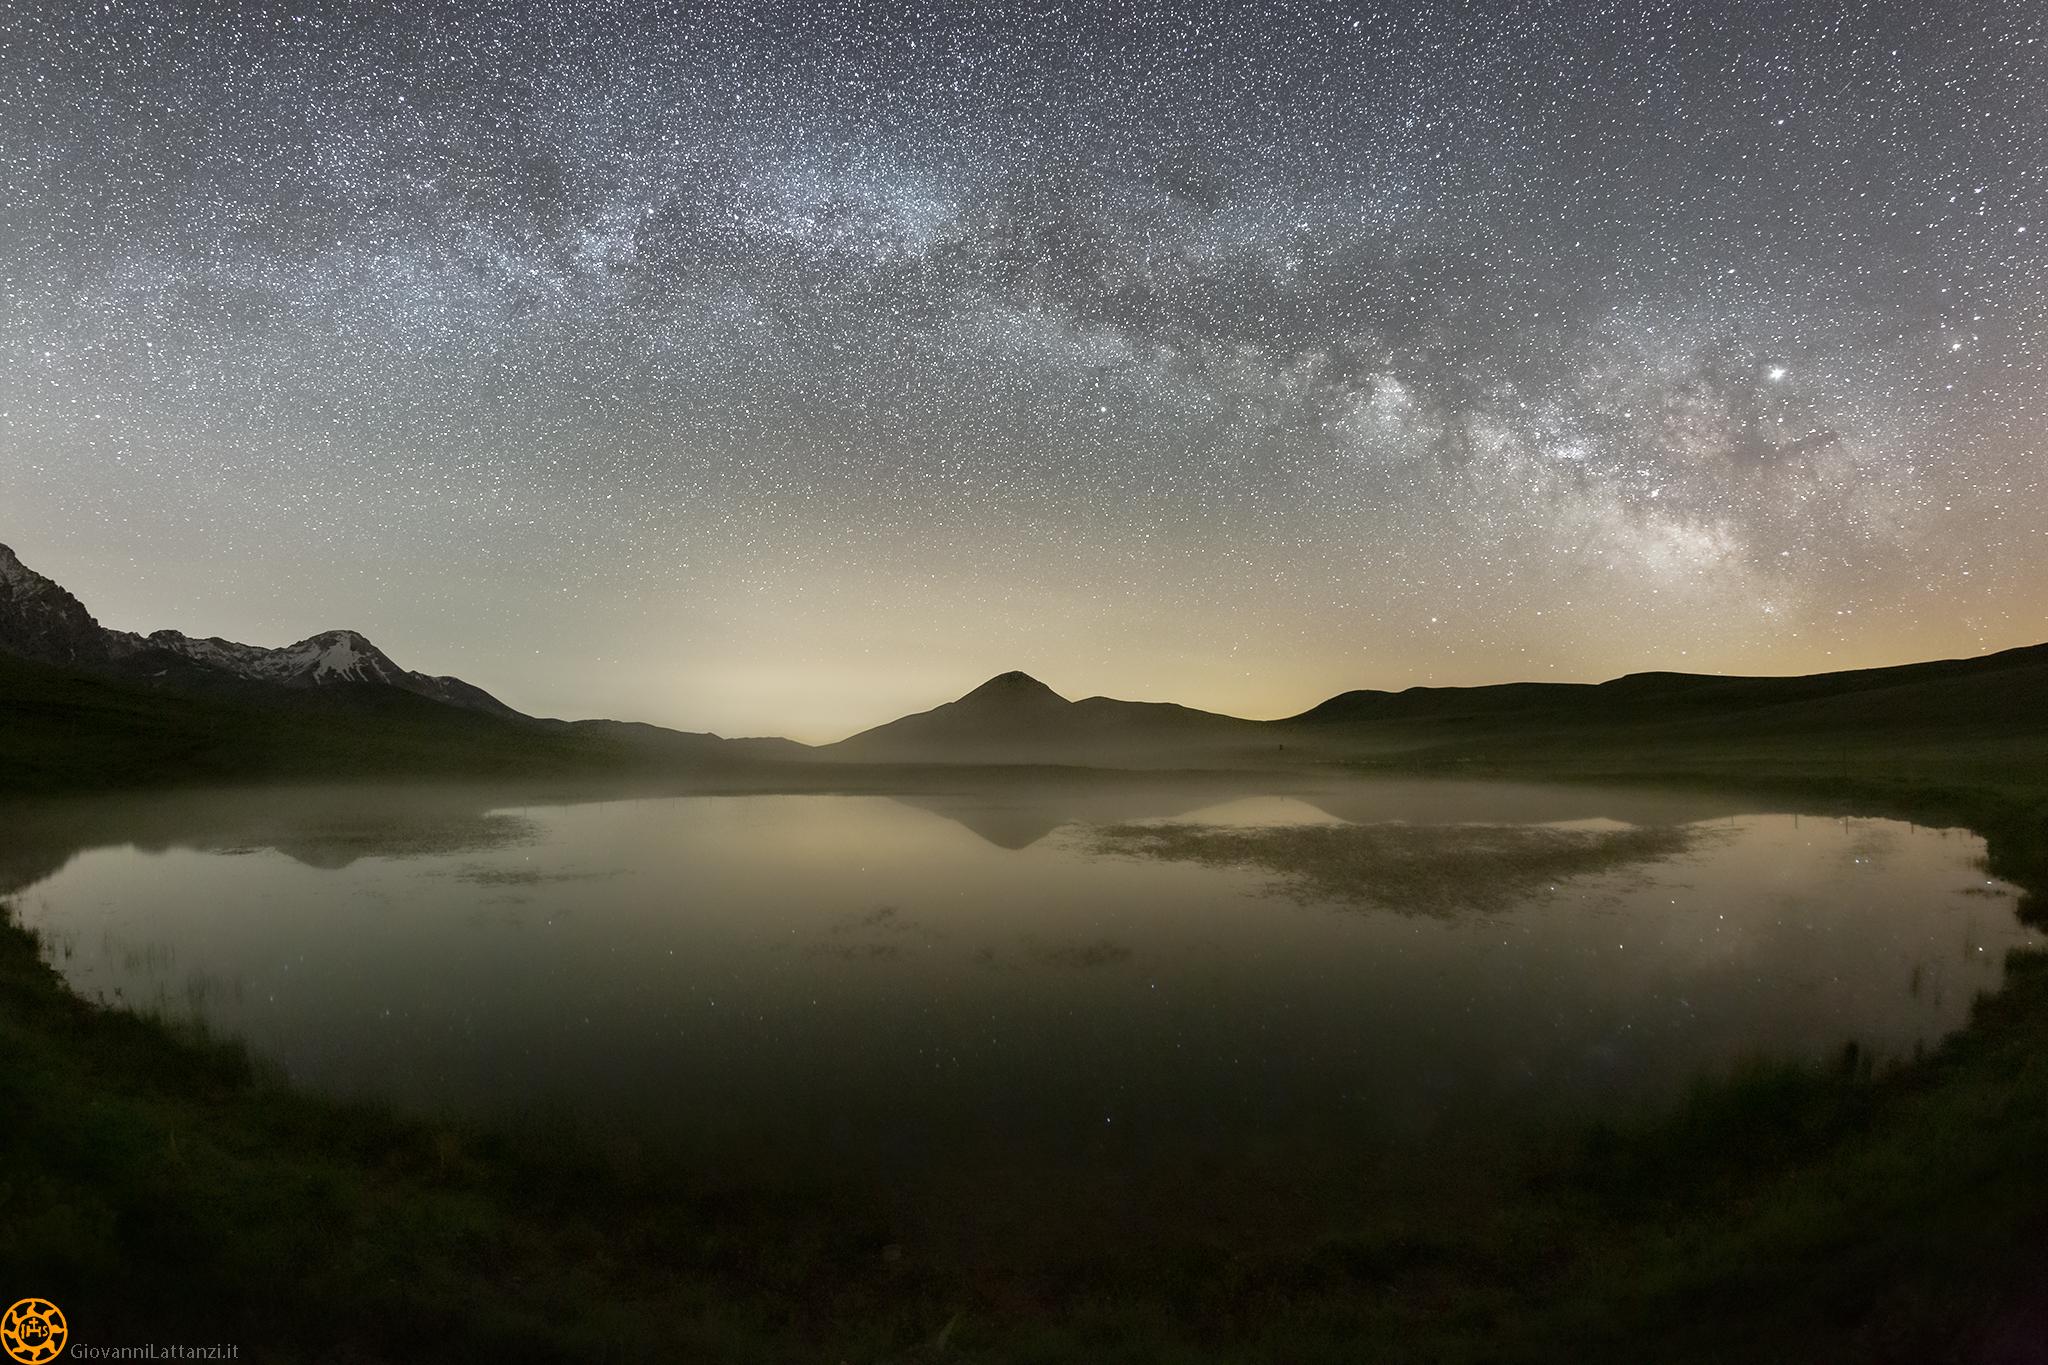 Parametri di scatto la Via Lattea